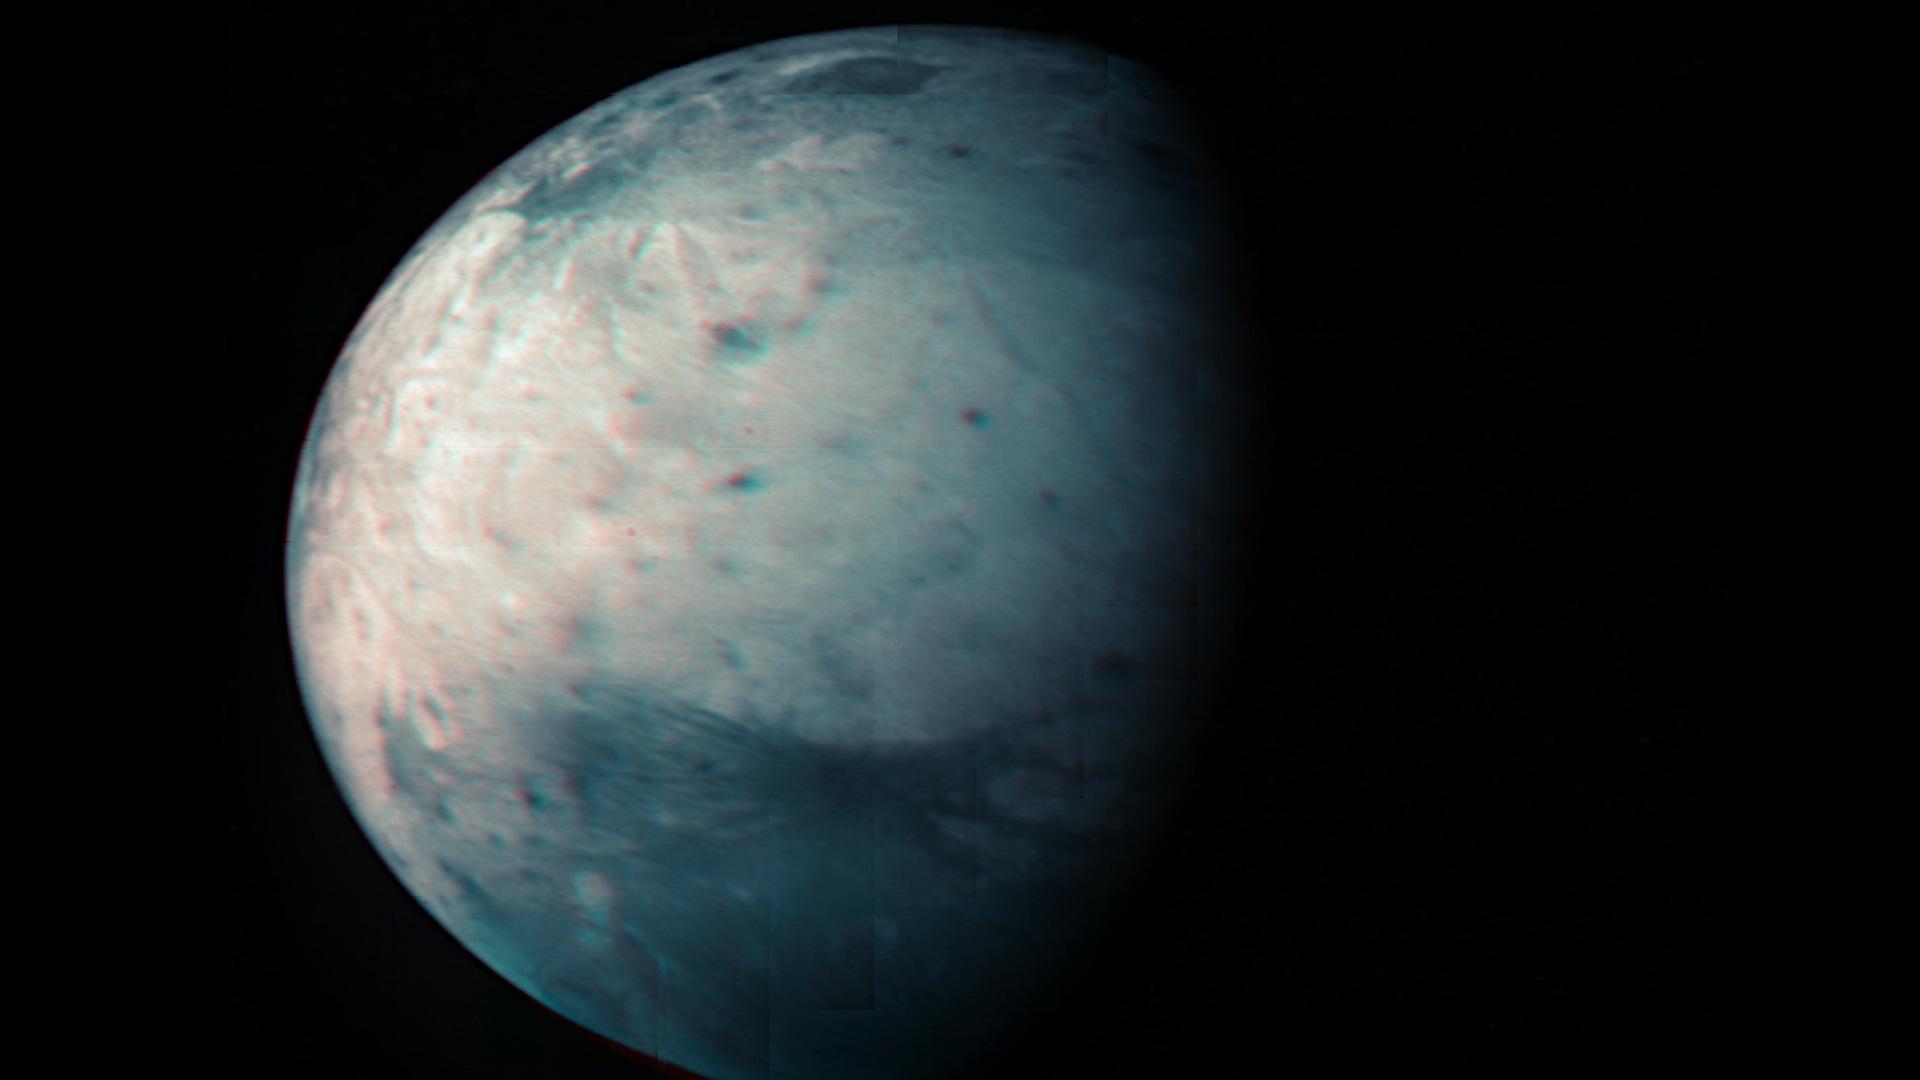 ASI - JIRAM osserva l'emisfero sud di Ganimede